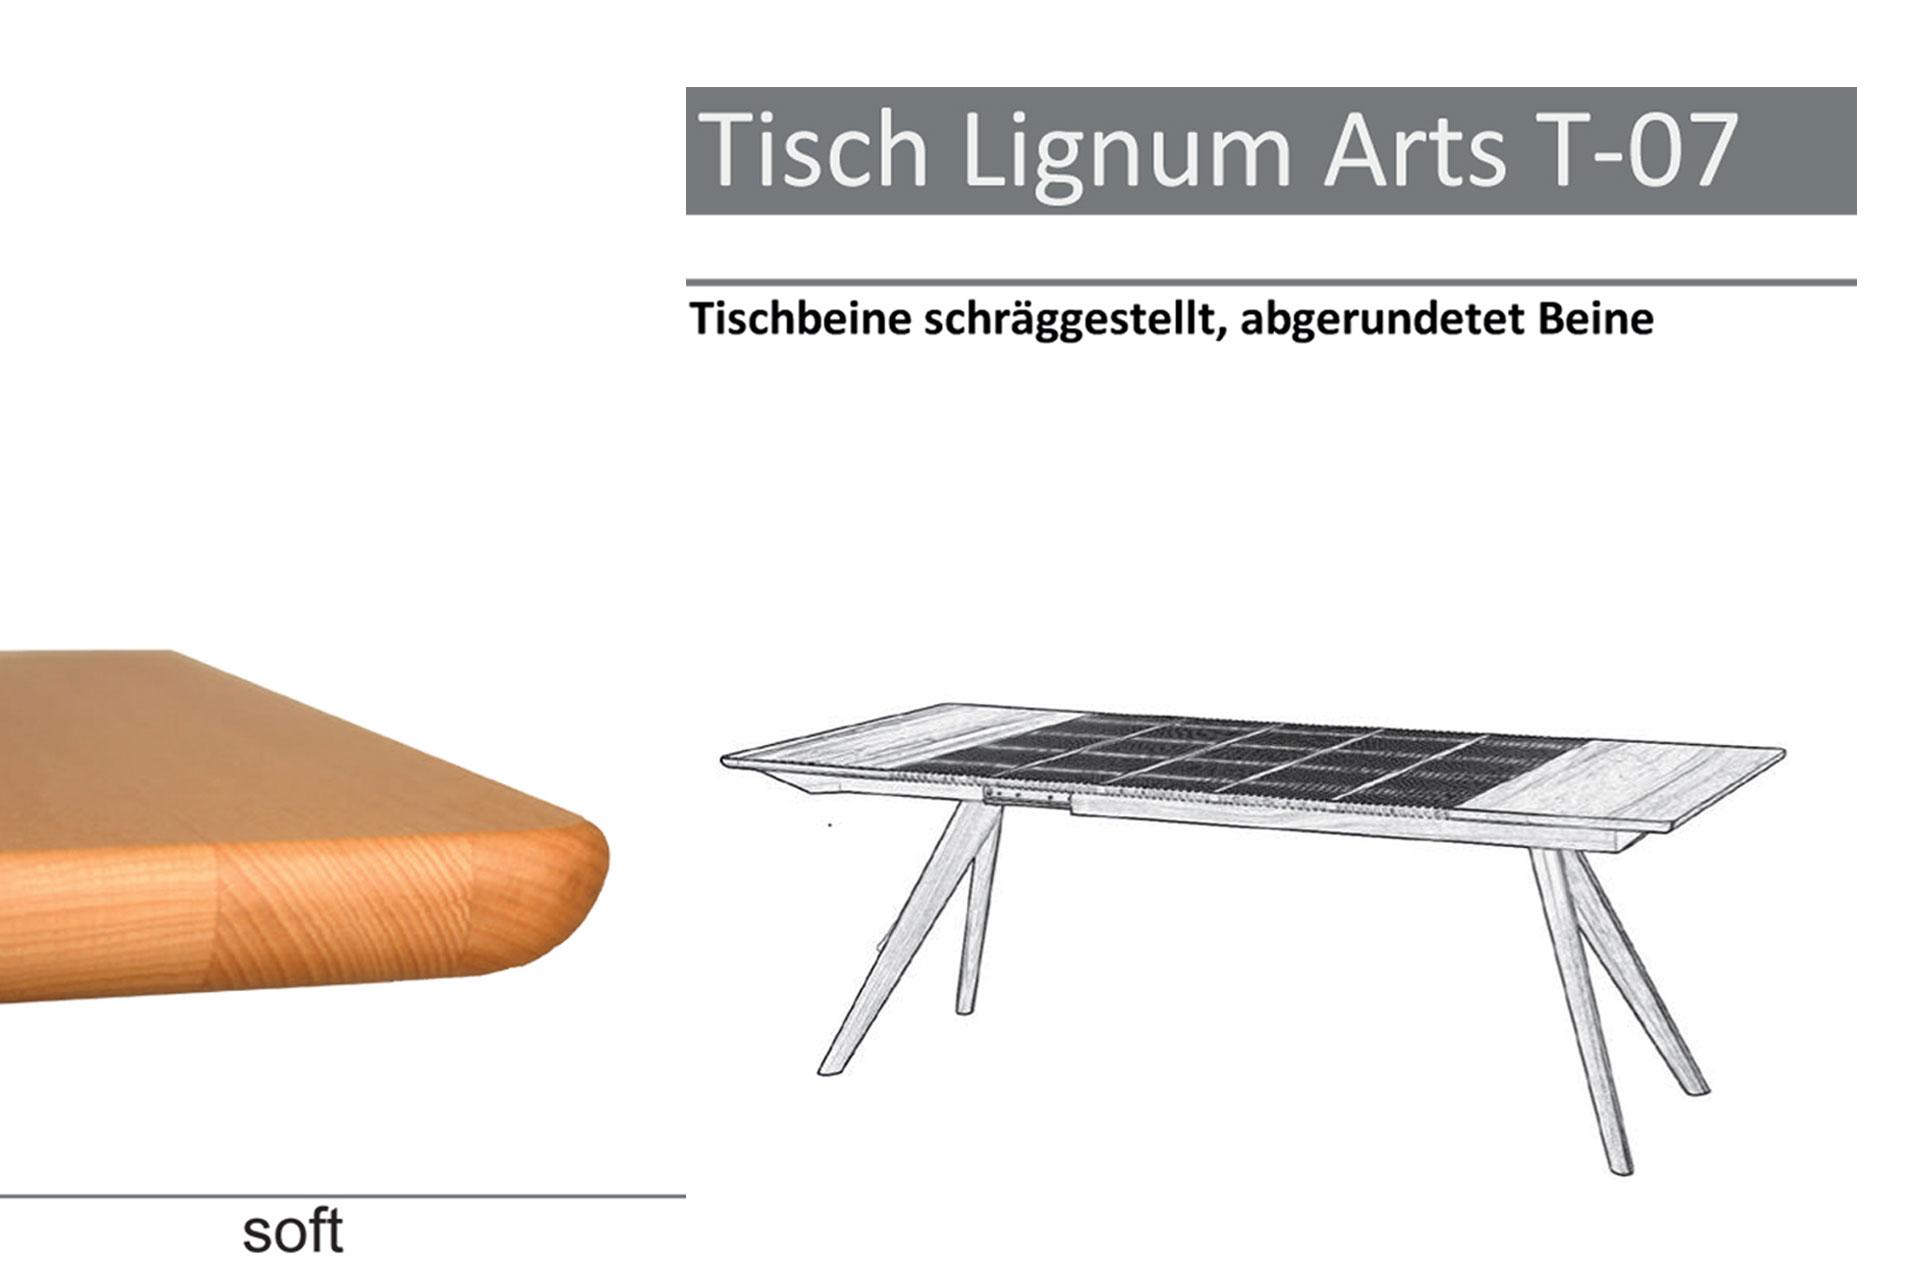 Tischtyp Lignum Arts T-07